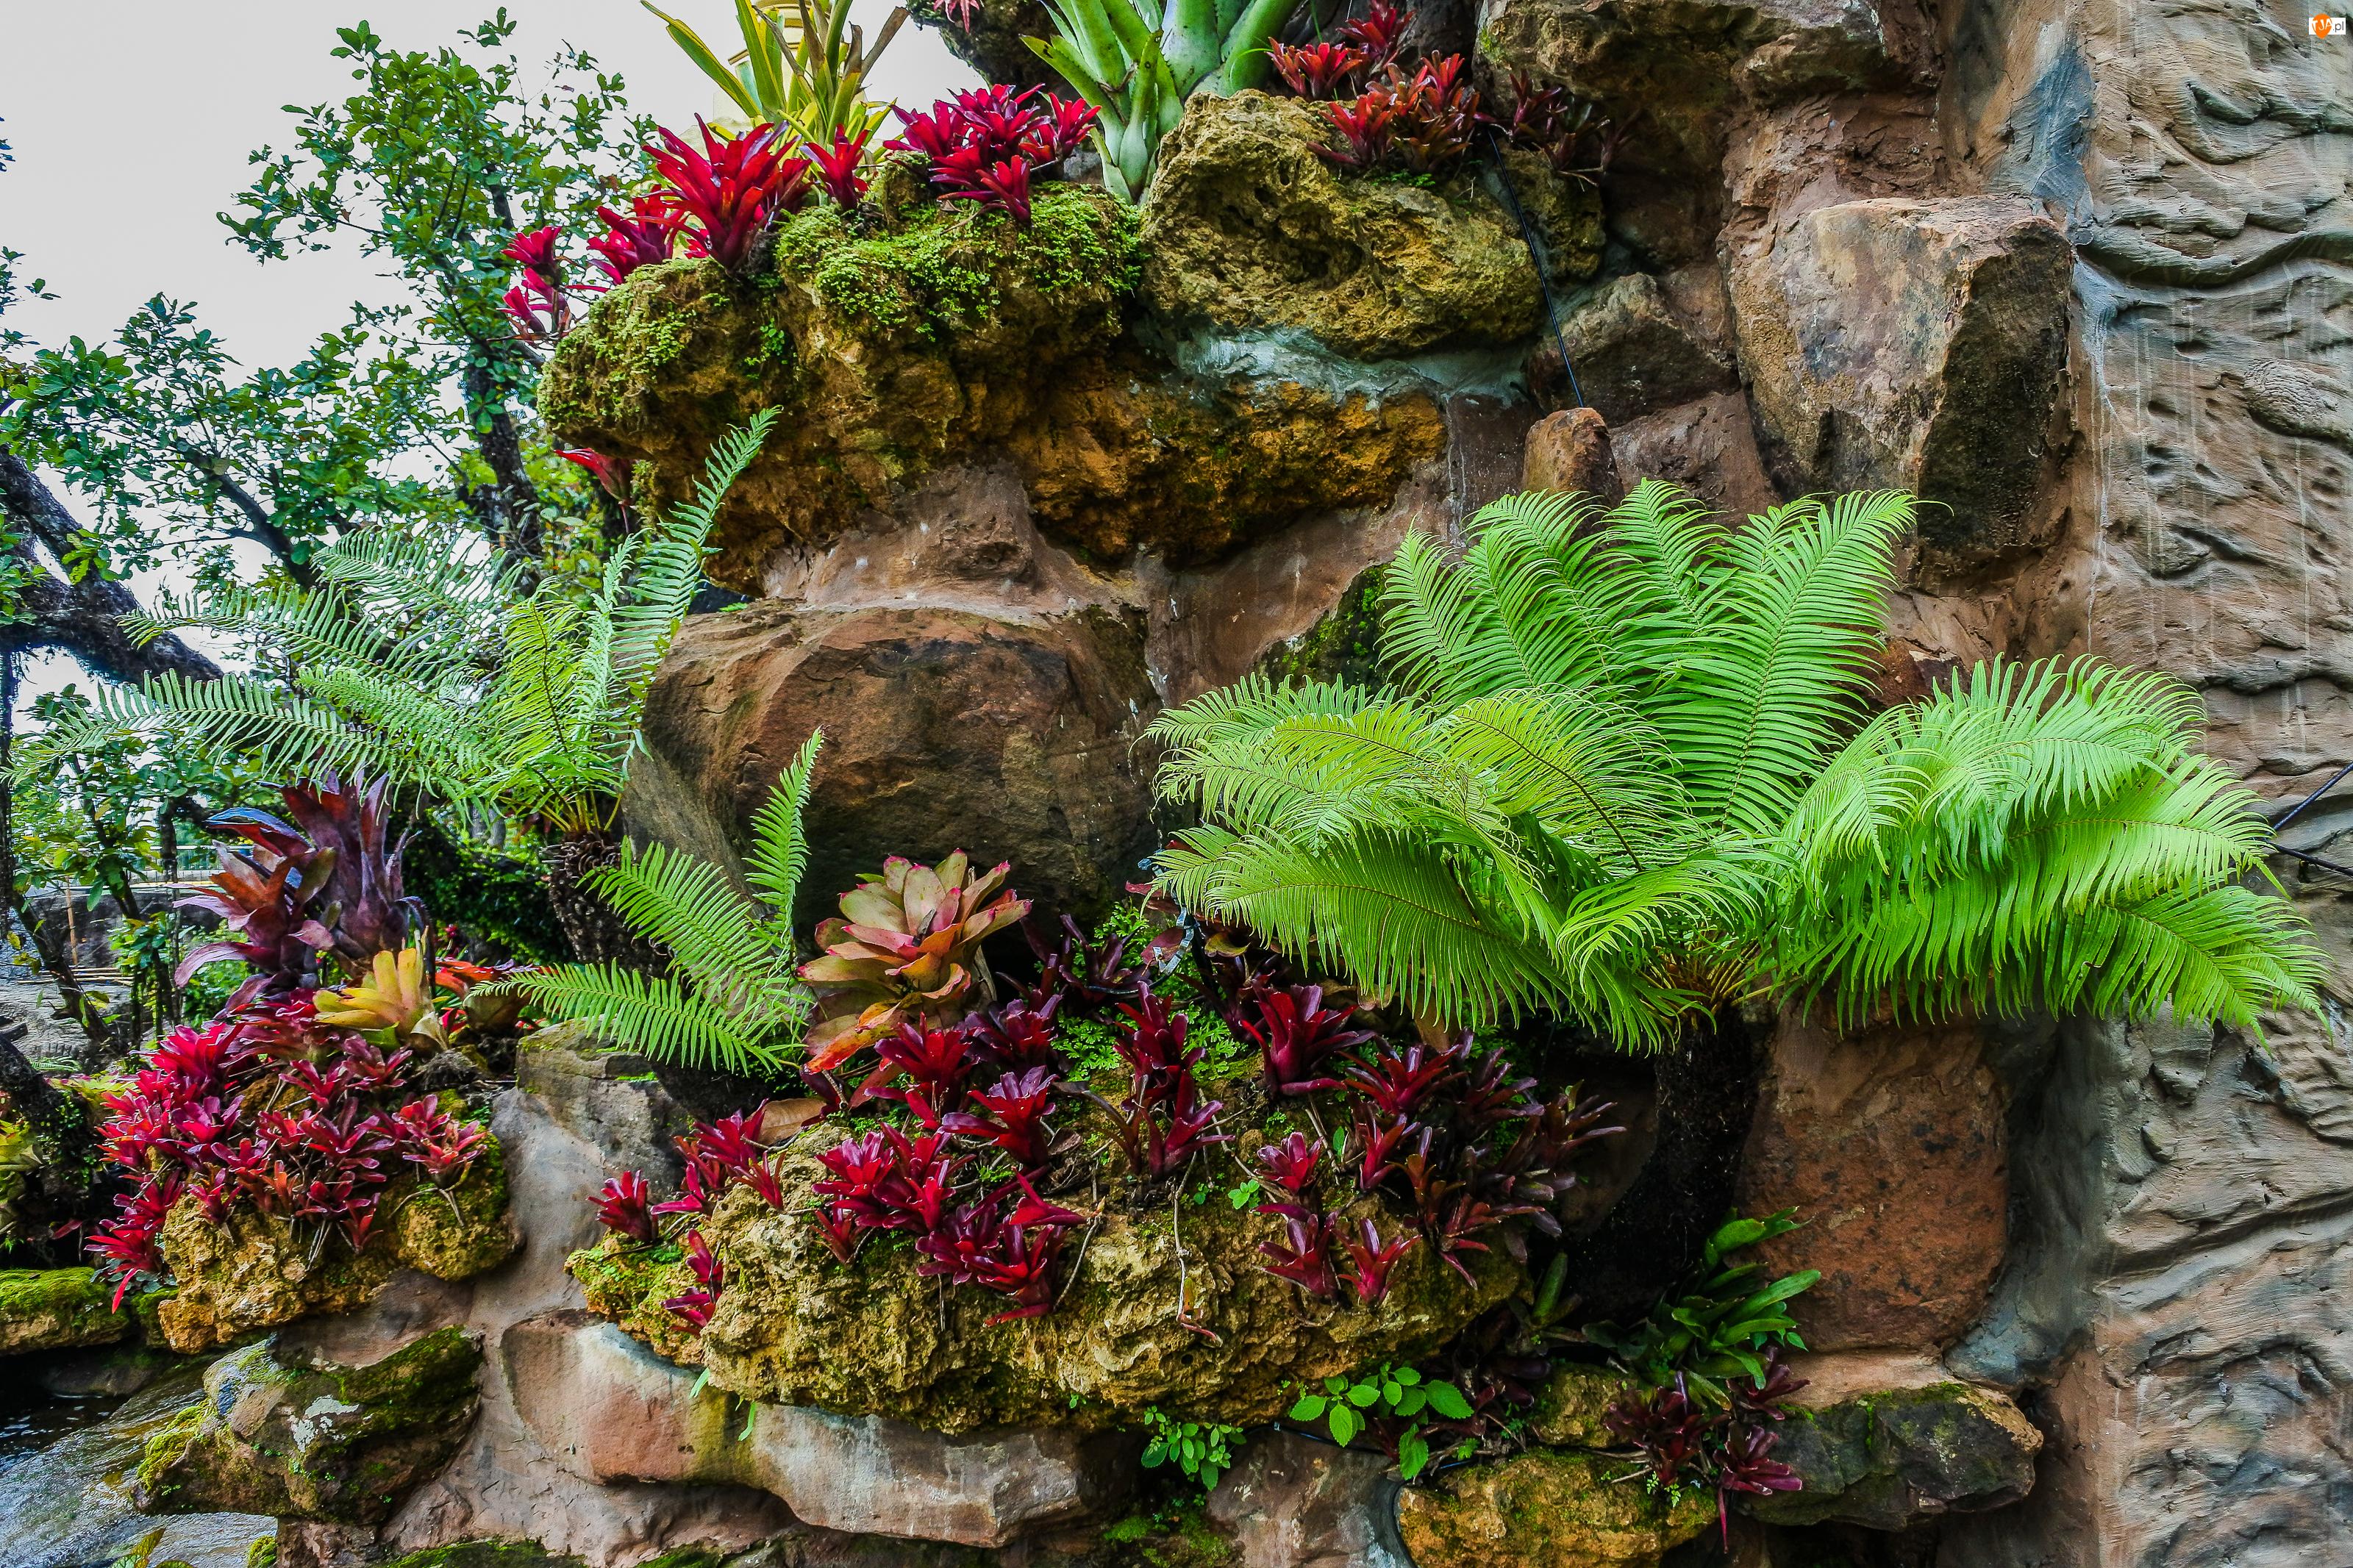 Kwiaty, Paproć, Skała, Ogród, Rośliny